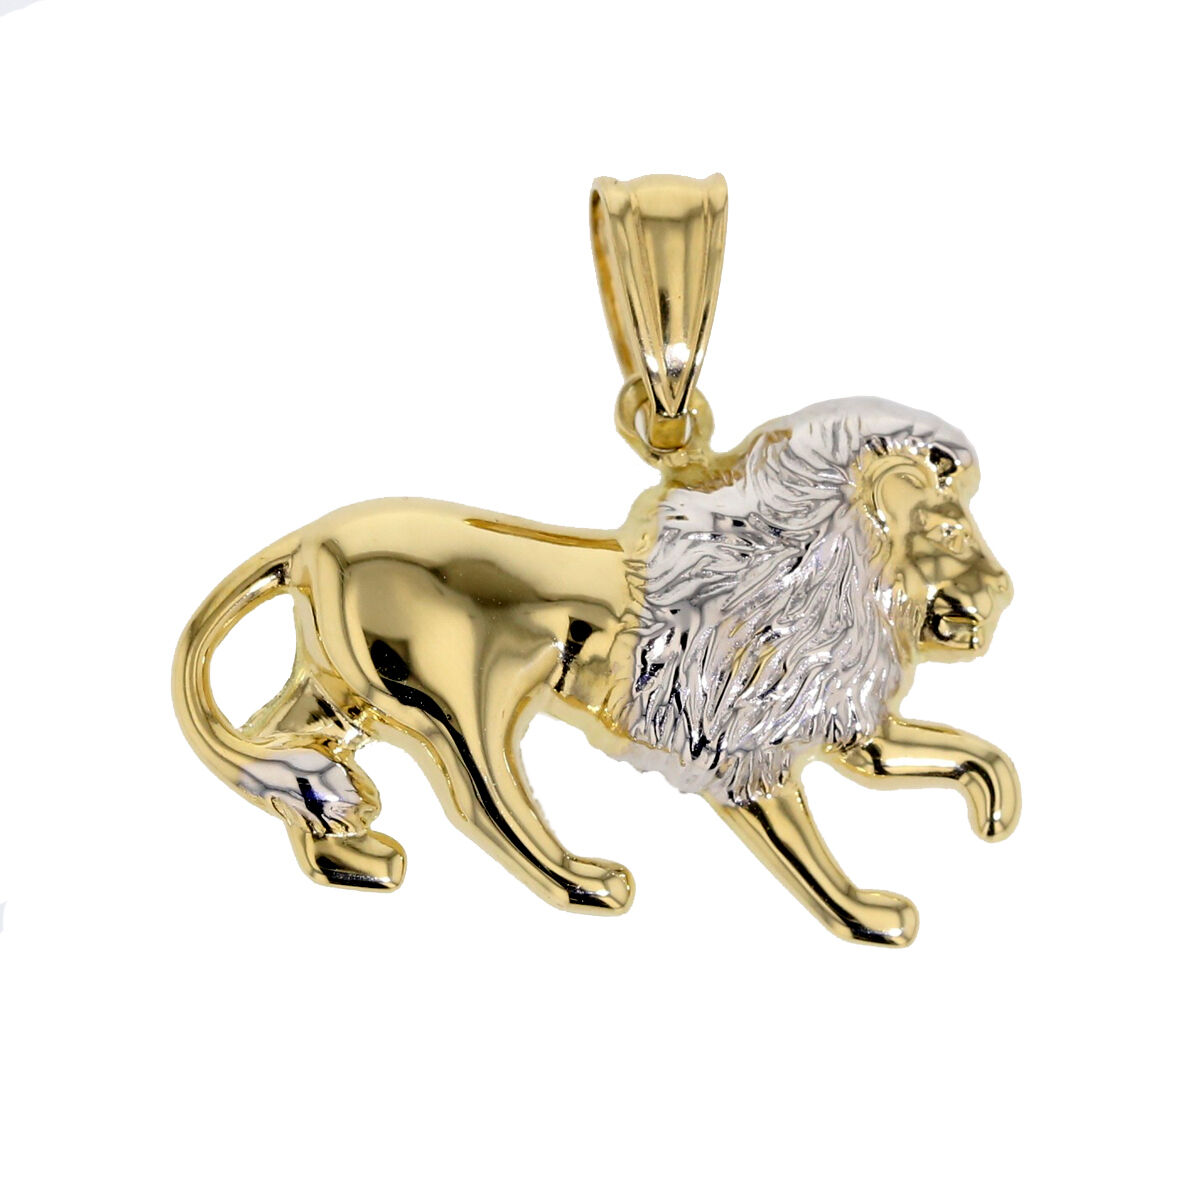 sternzeichen anh nger 585 gold tierkreiszeichen horoskop 14 karat kettenanh nger eur 81 90. Black Bedroom Furniture Sets. Home Design Ideas